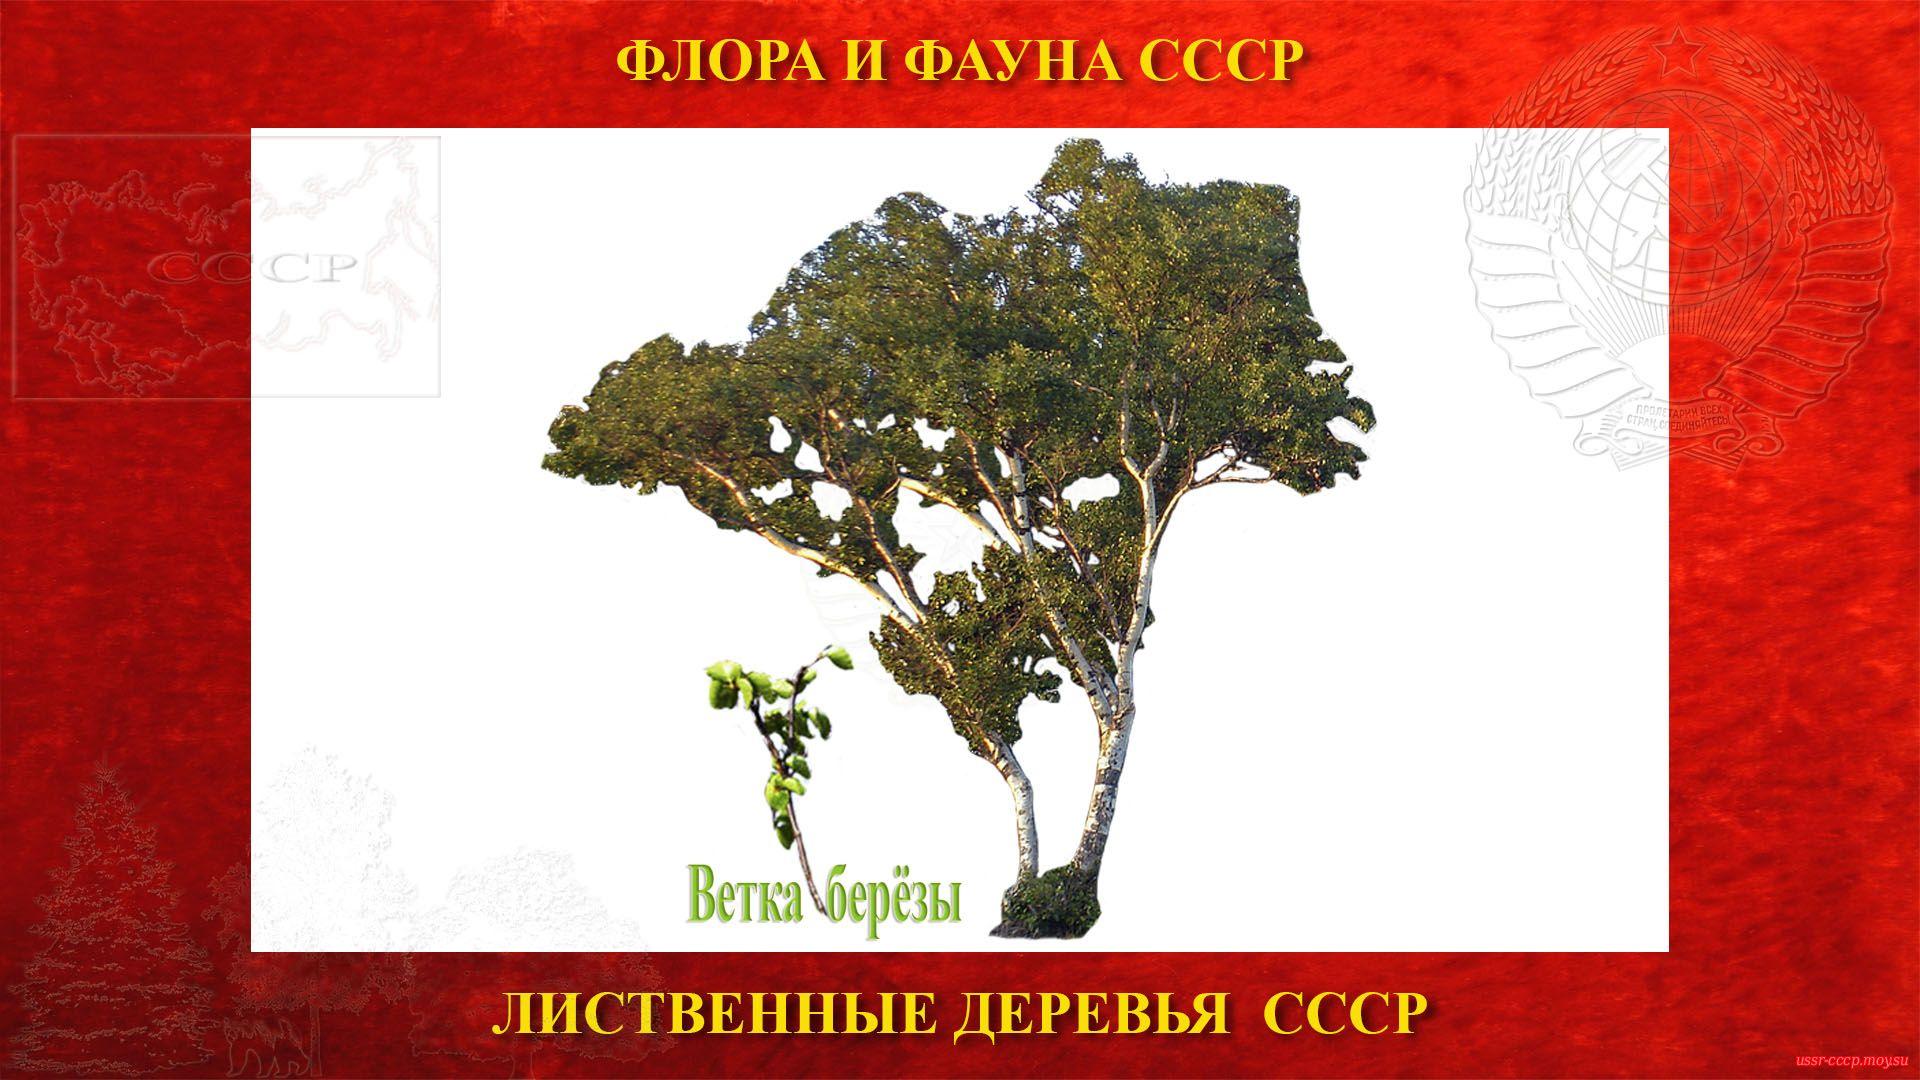 Карельская берёза — Лиственное дерево (повествование)